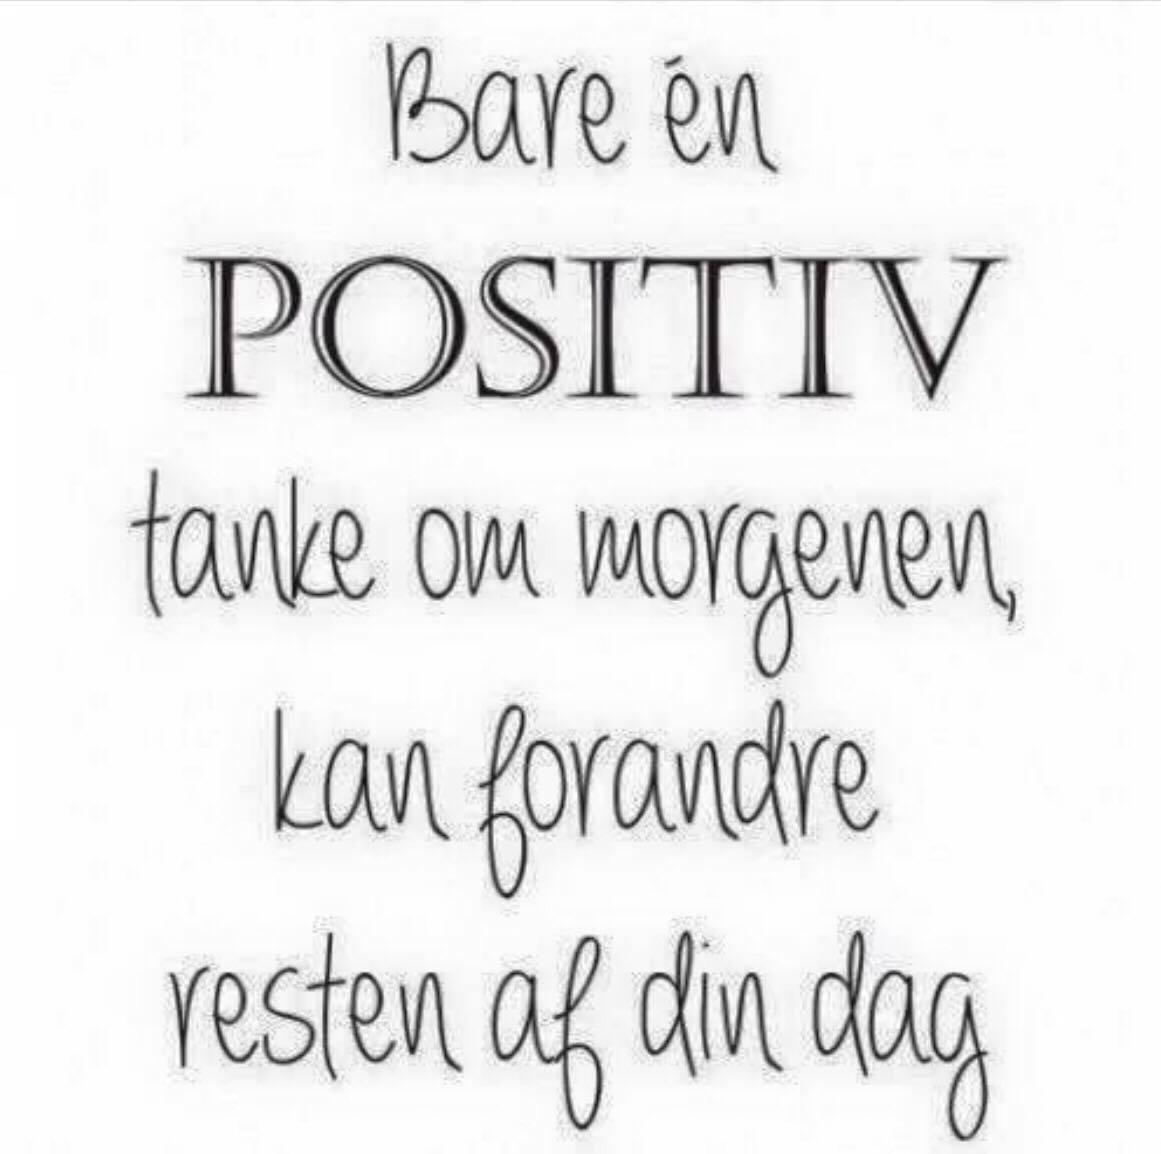 morgen citater positiv   Danmarks smukkeste citater finder du på Visdom.dk morgen citater